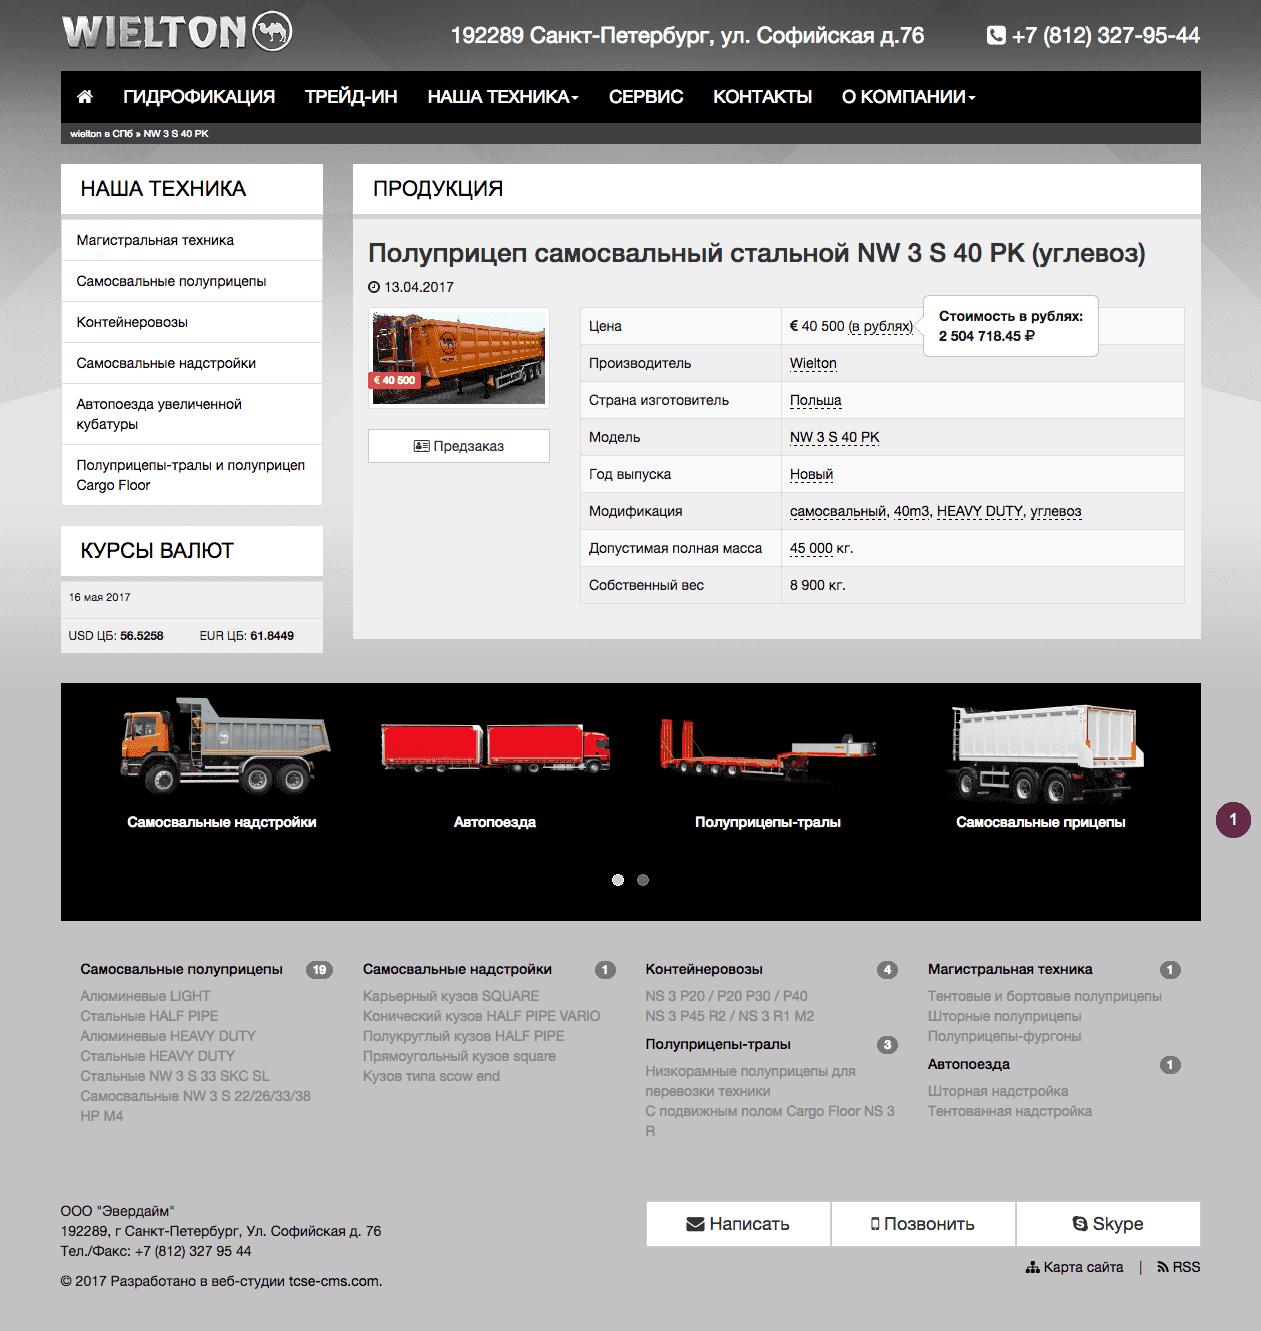 WIELTON SPB - сайт по продаже и обслуживанию прицепной техники бренда WELTON